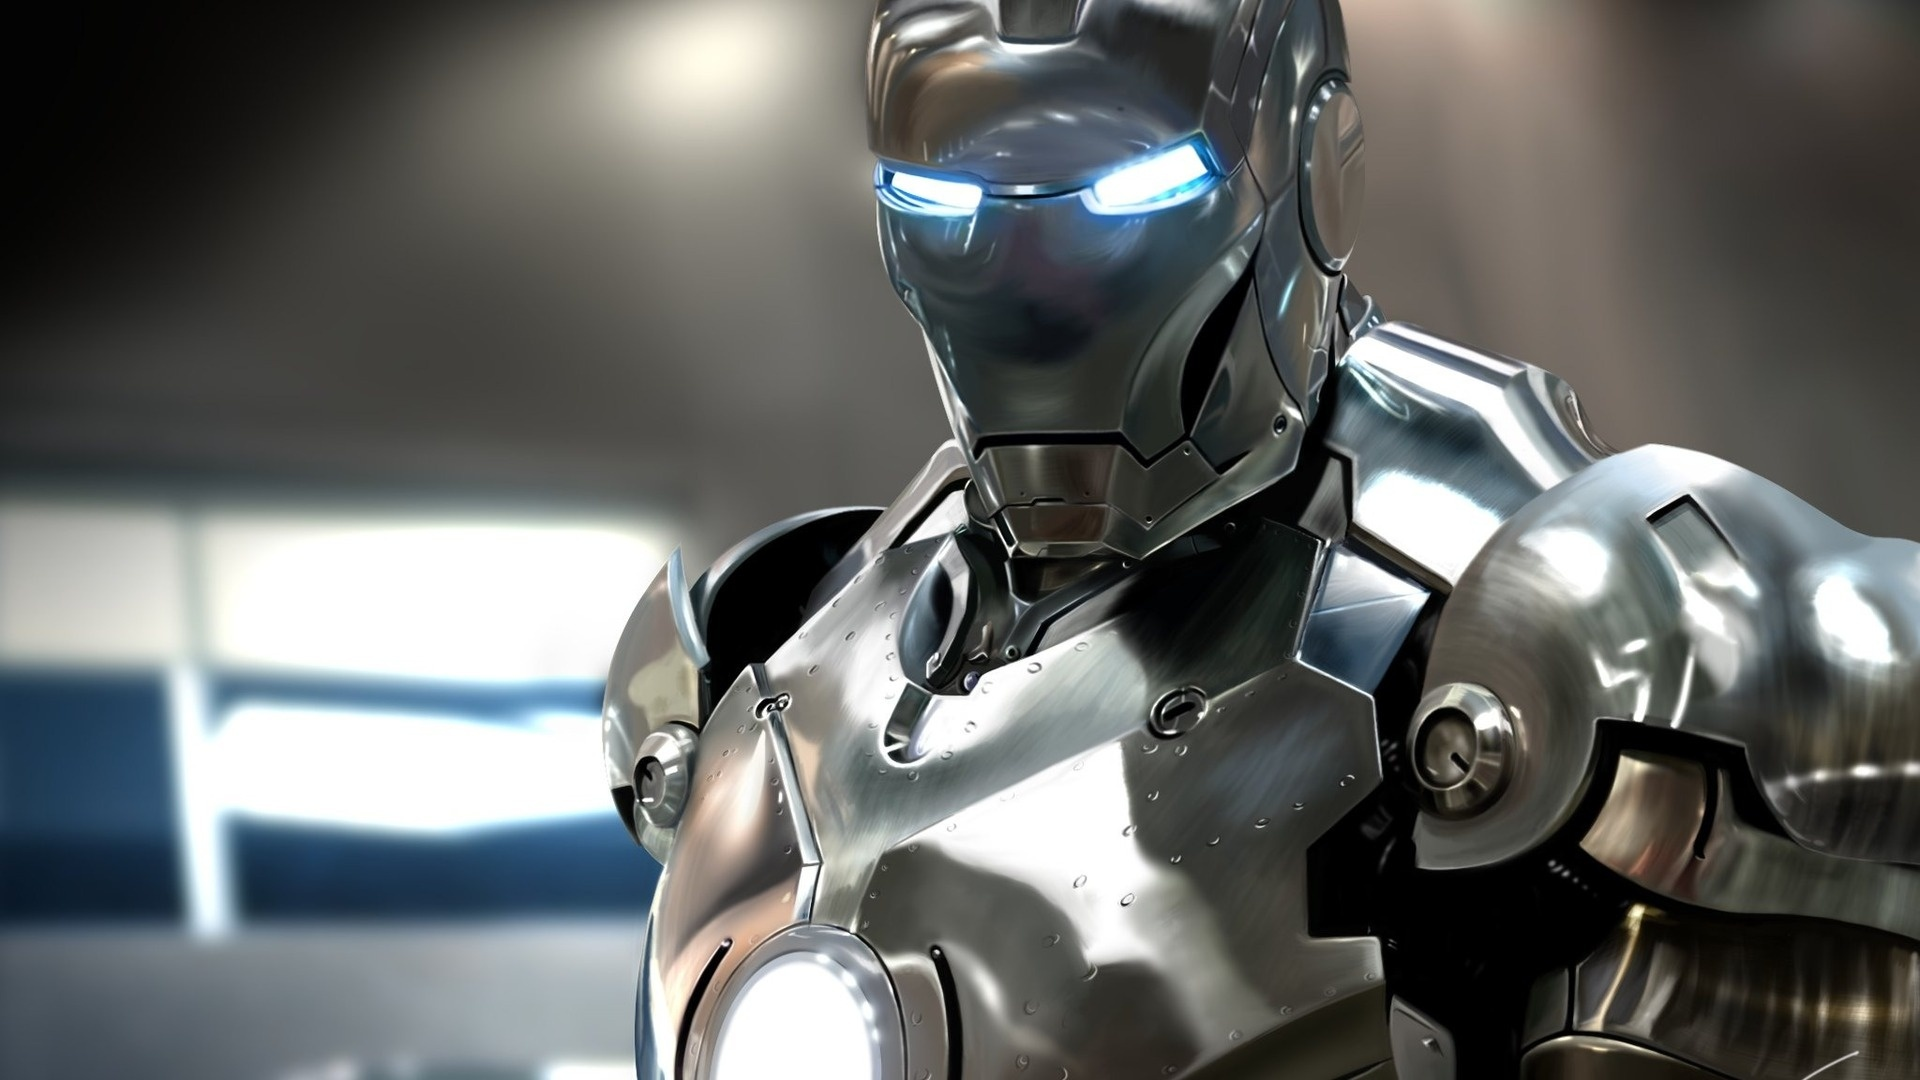 Пока читаешь эту статью, Тони Старк доделывает очередного Железного человека